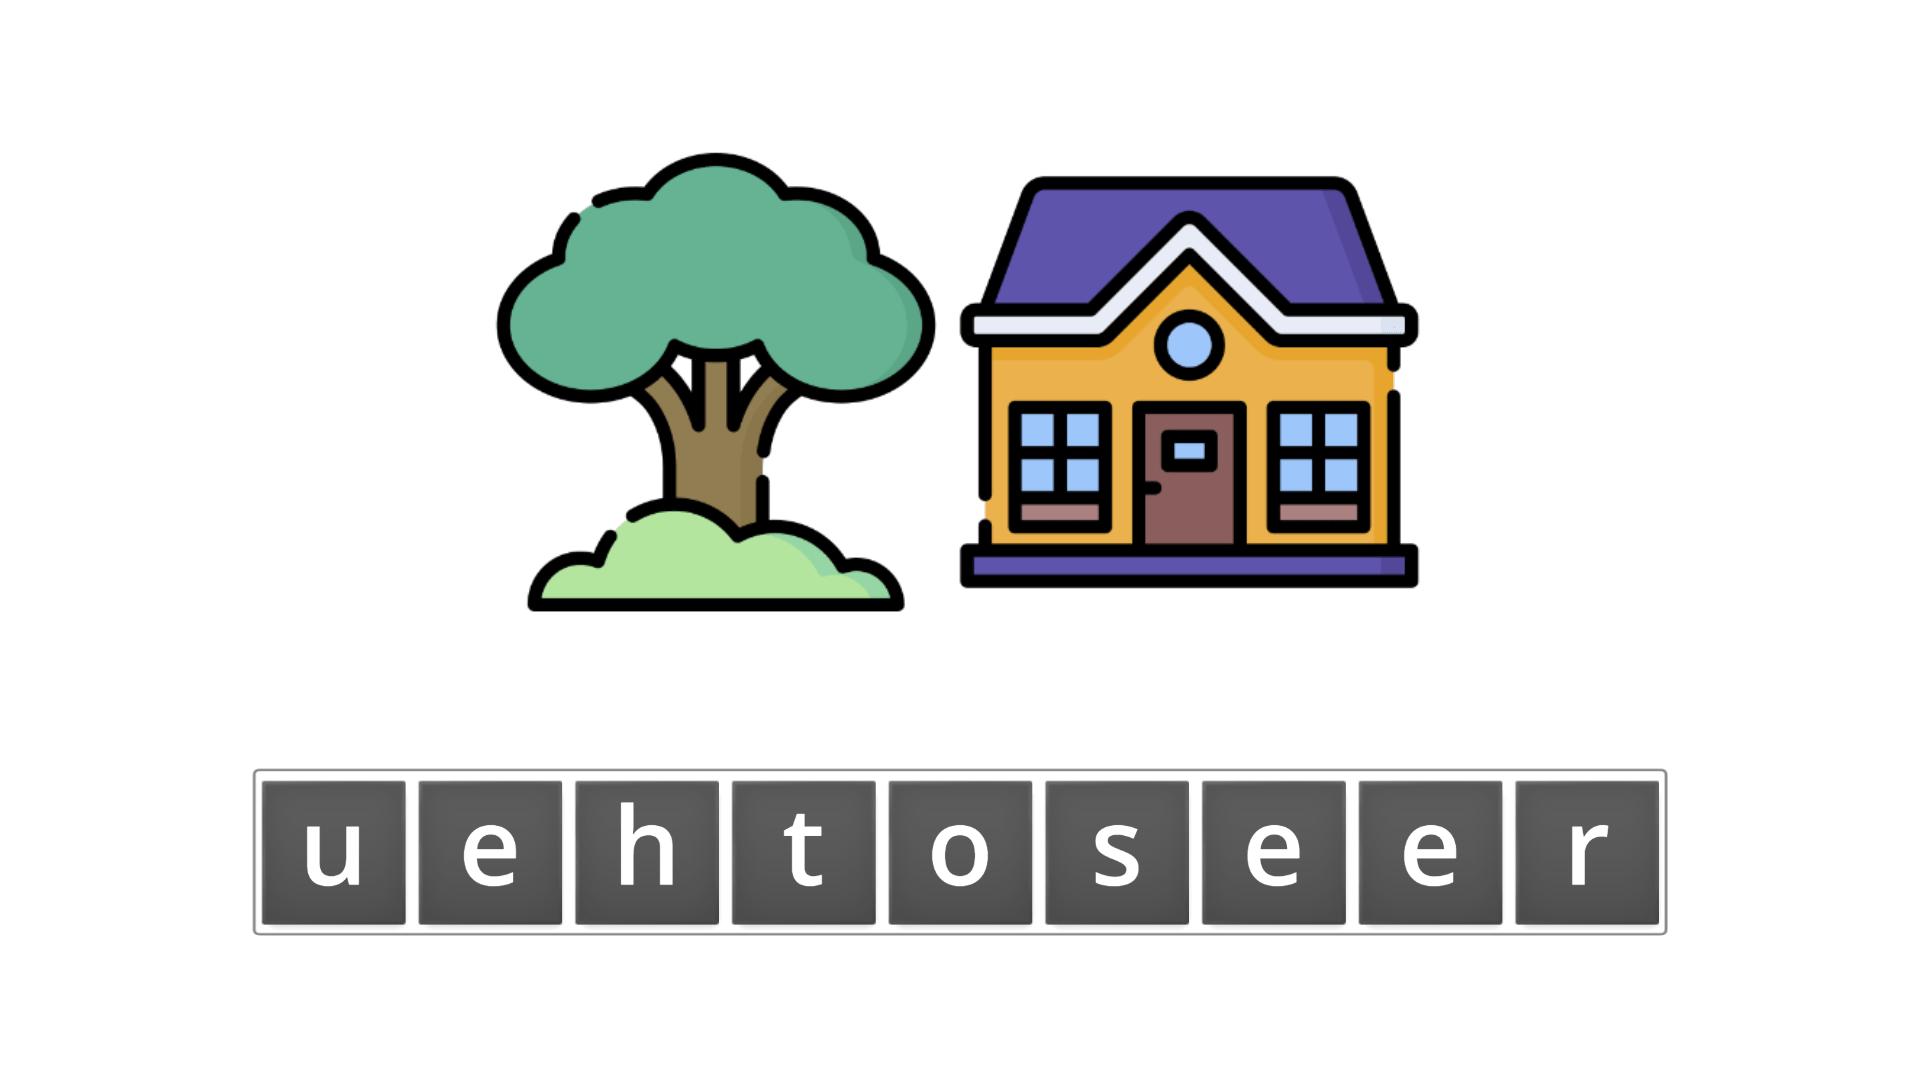 esl resources - flashcards - compound nouns  - unscramble - treehouse